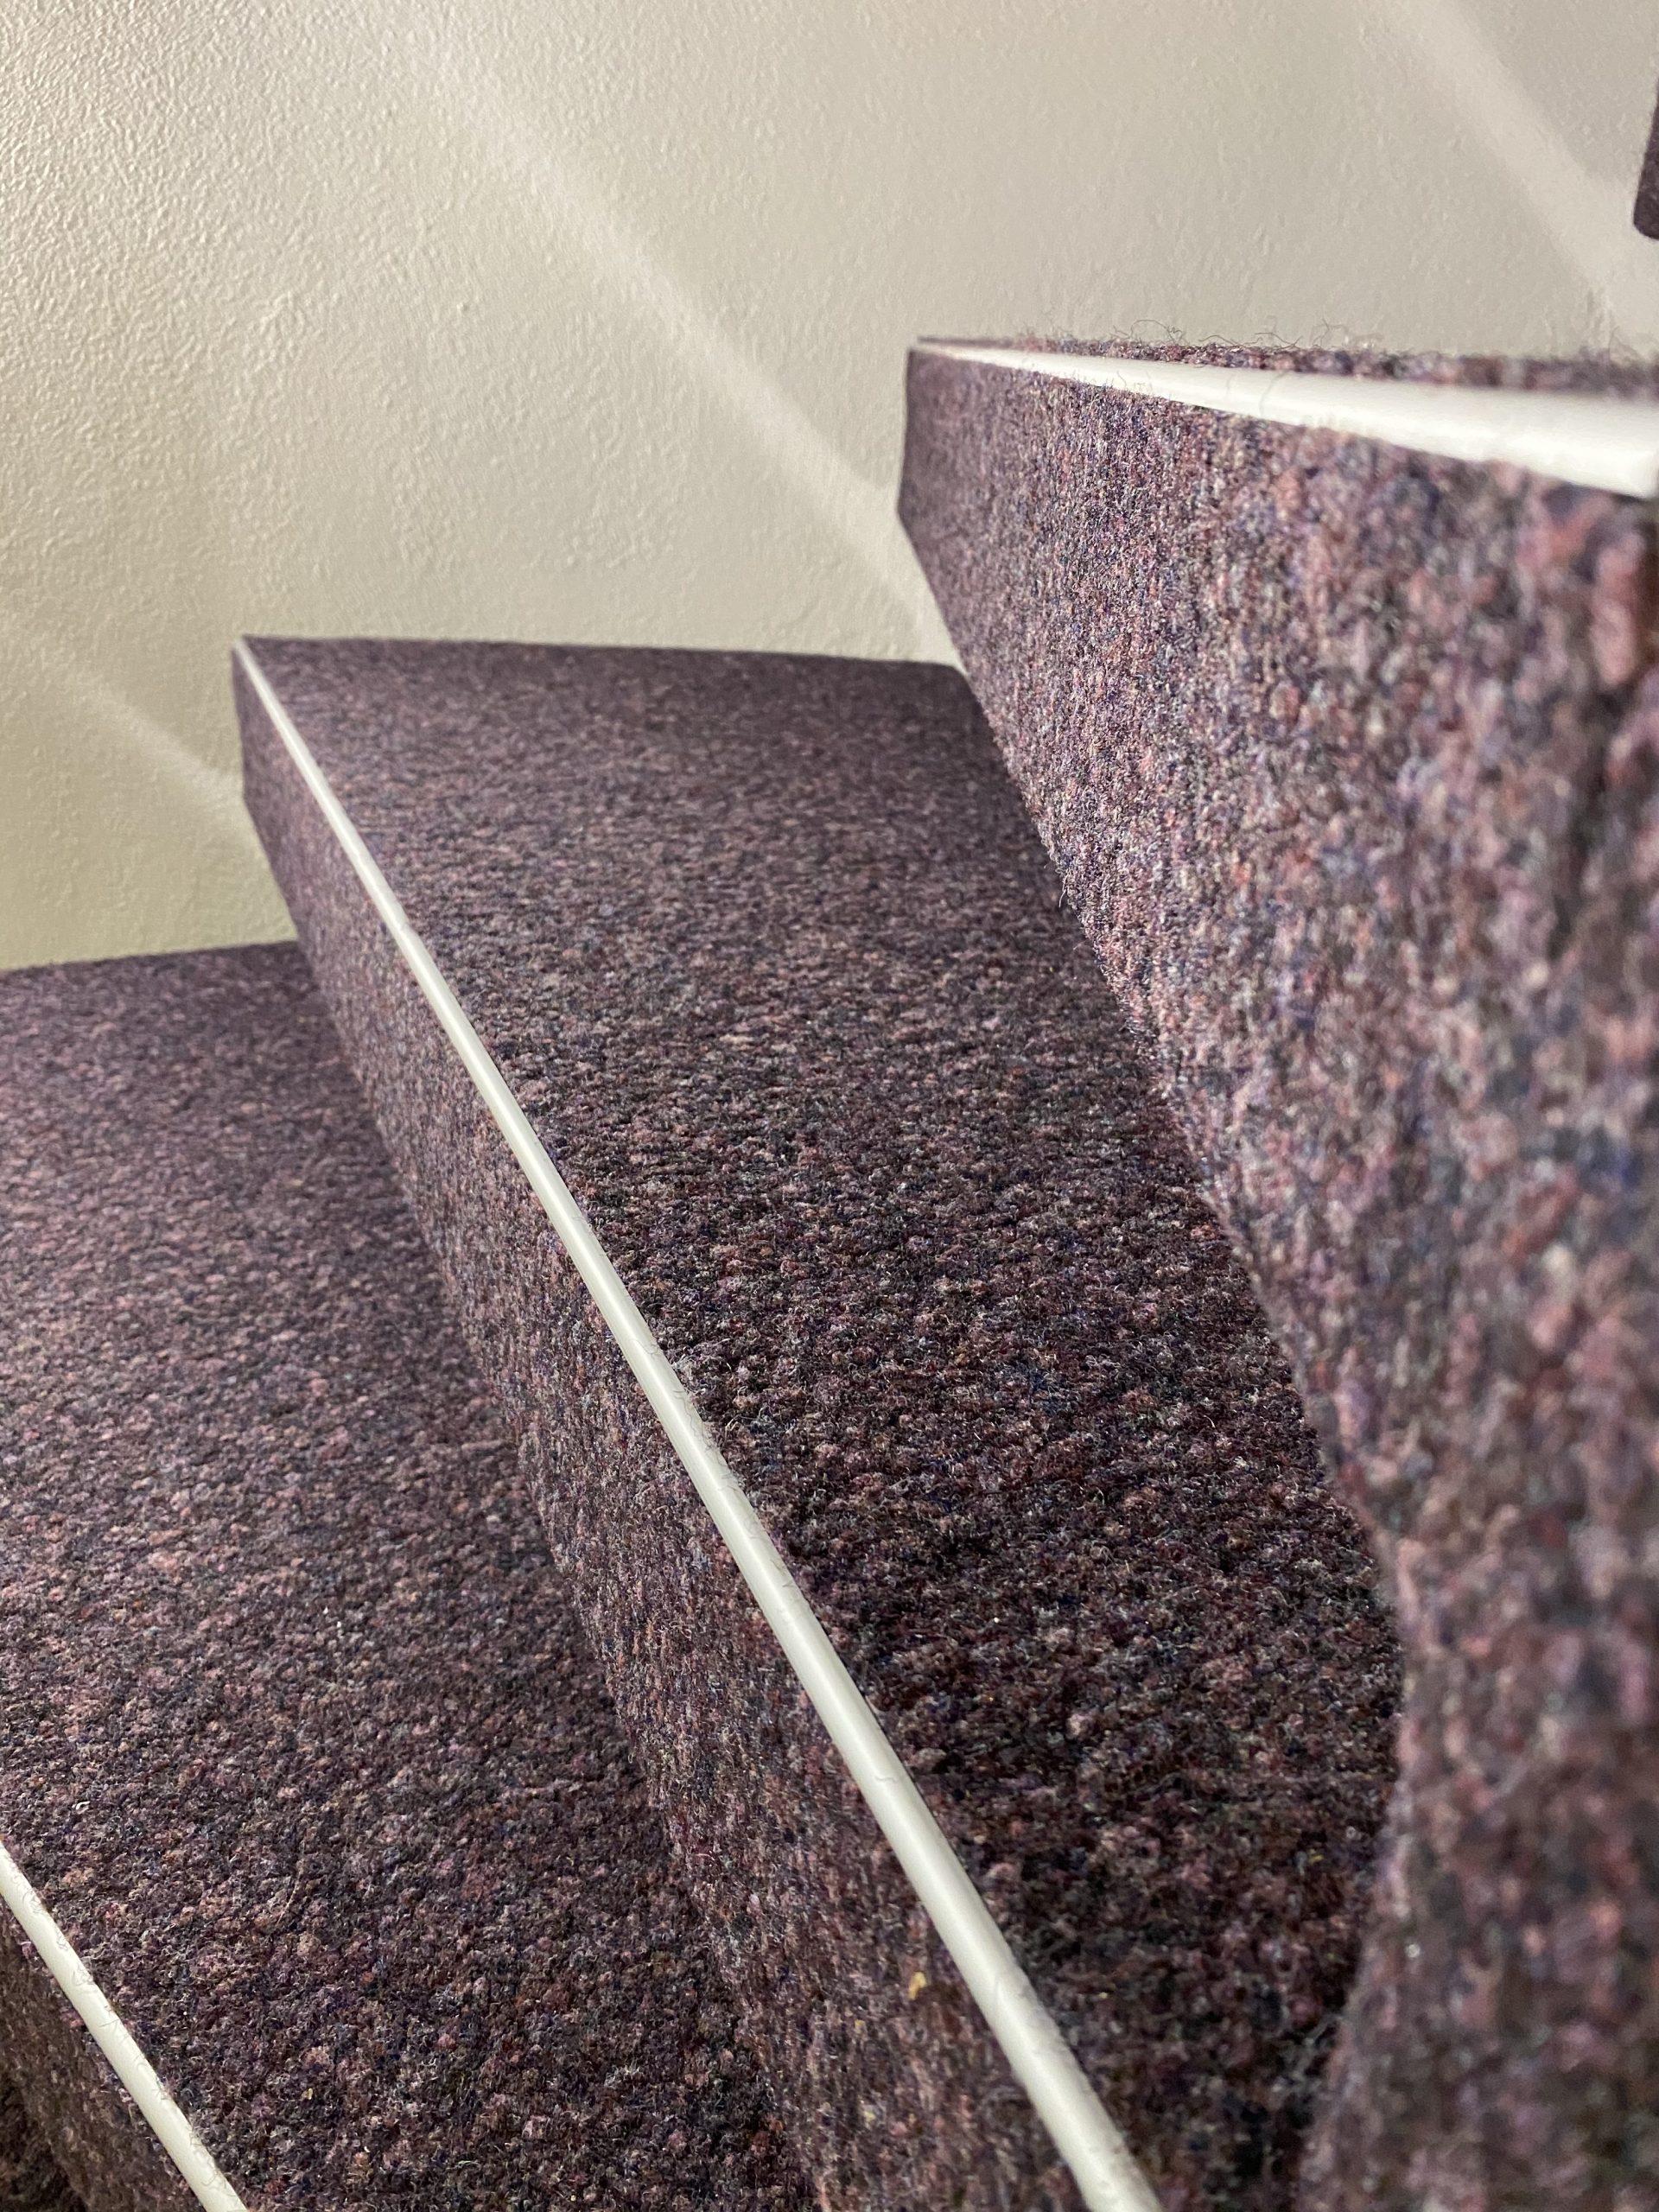 Barmetboden   Kugelgarn auf Treppe